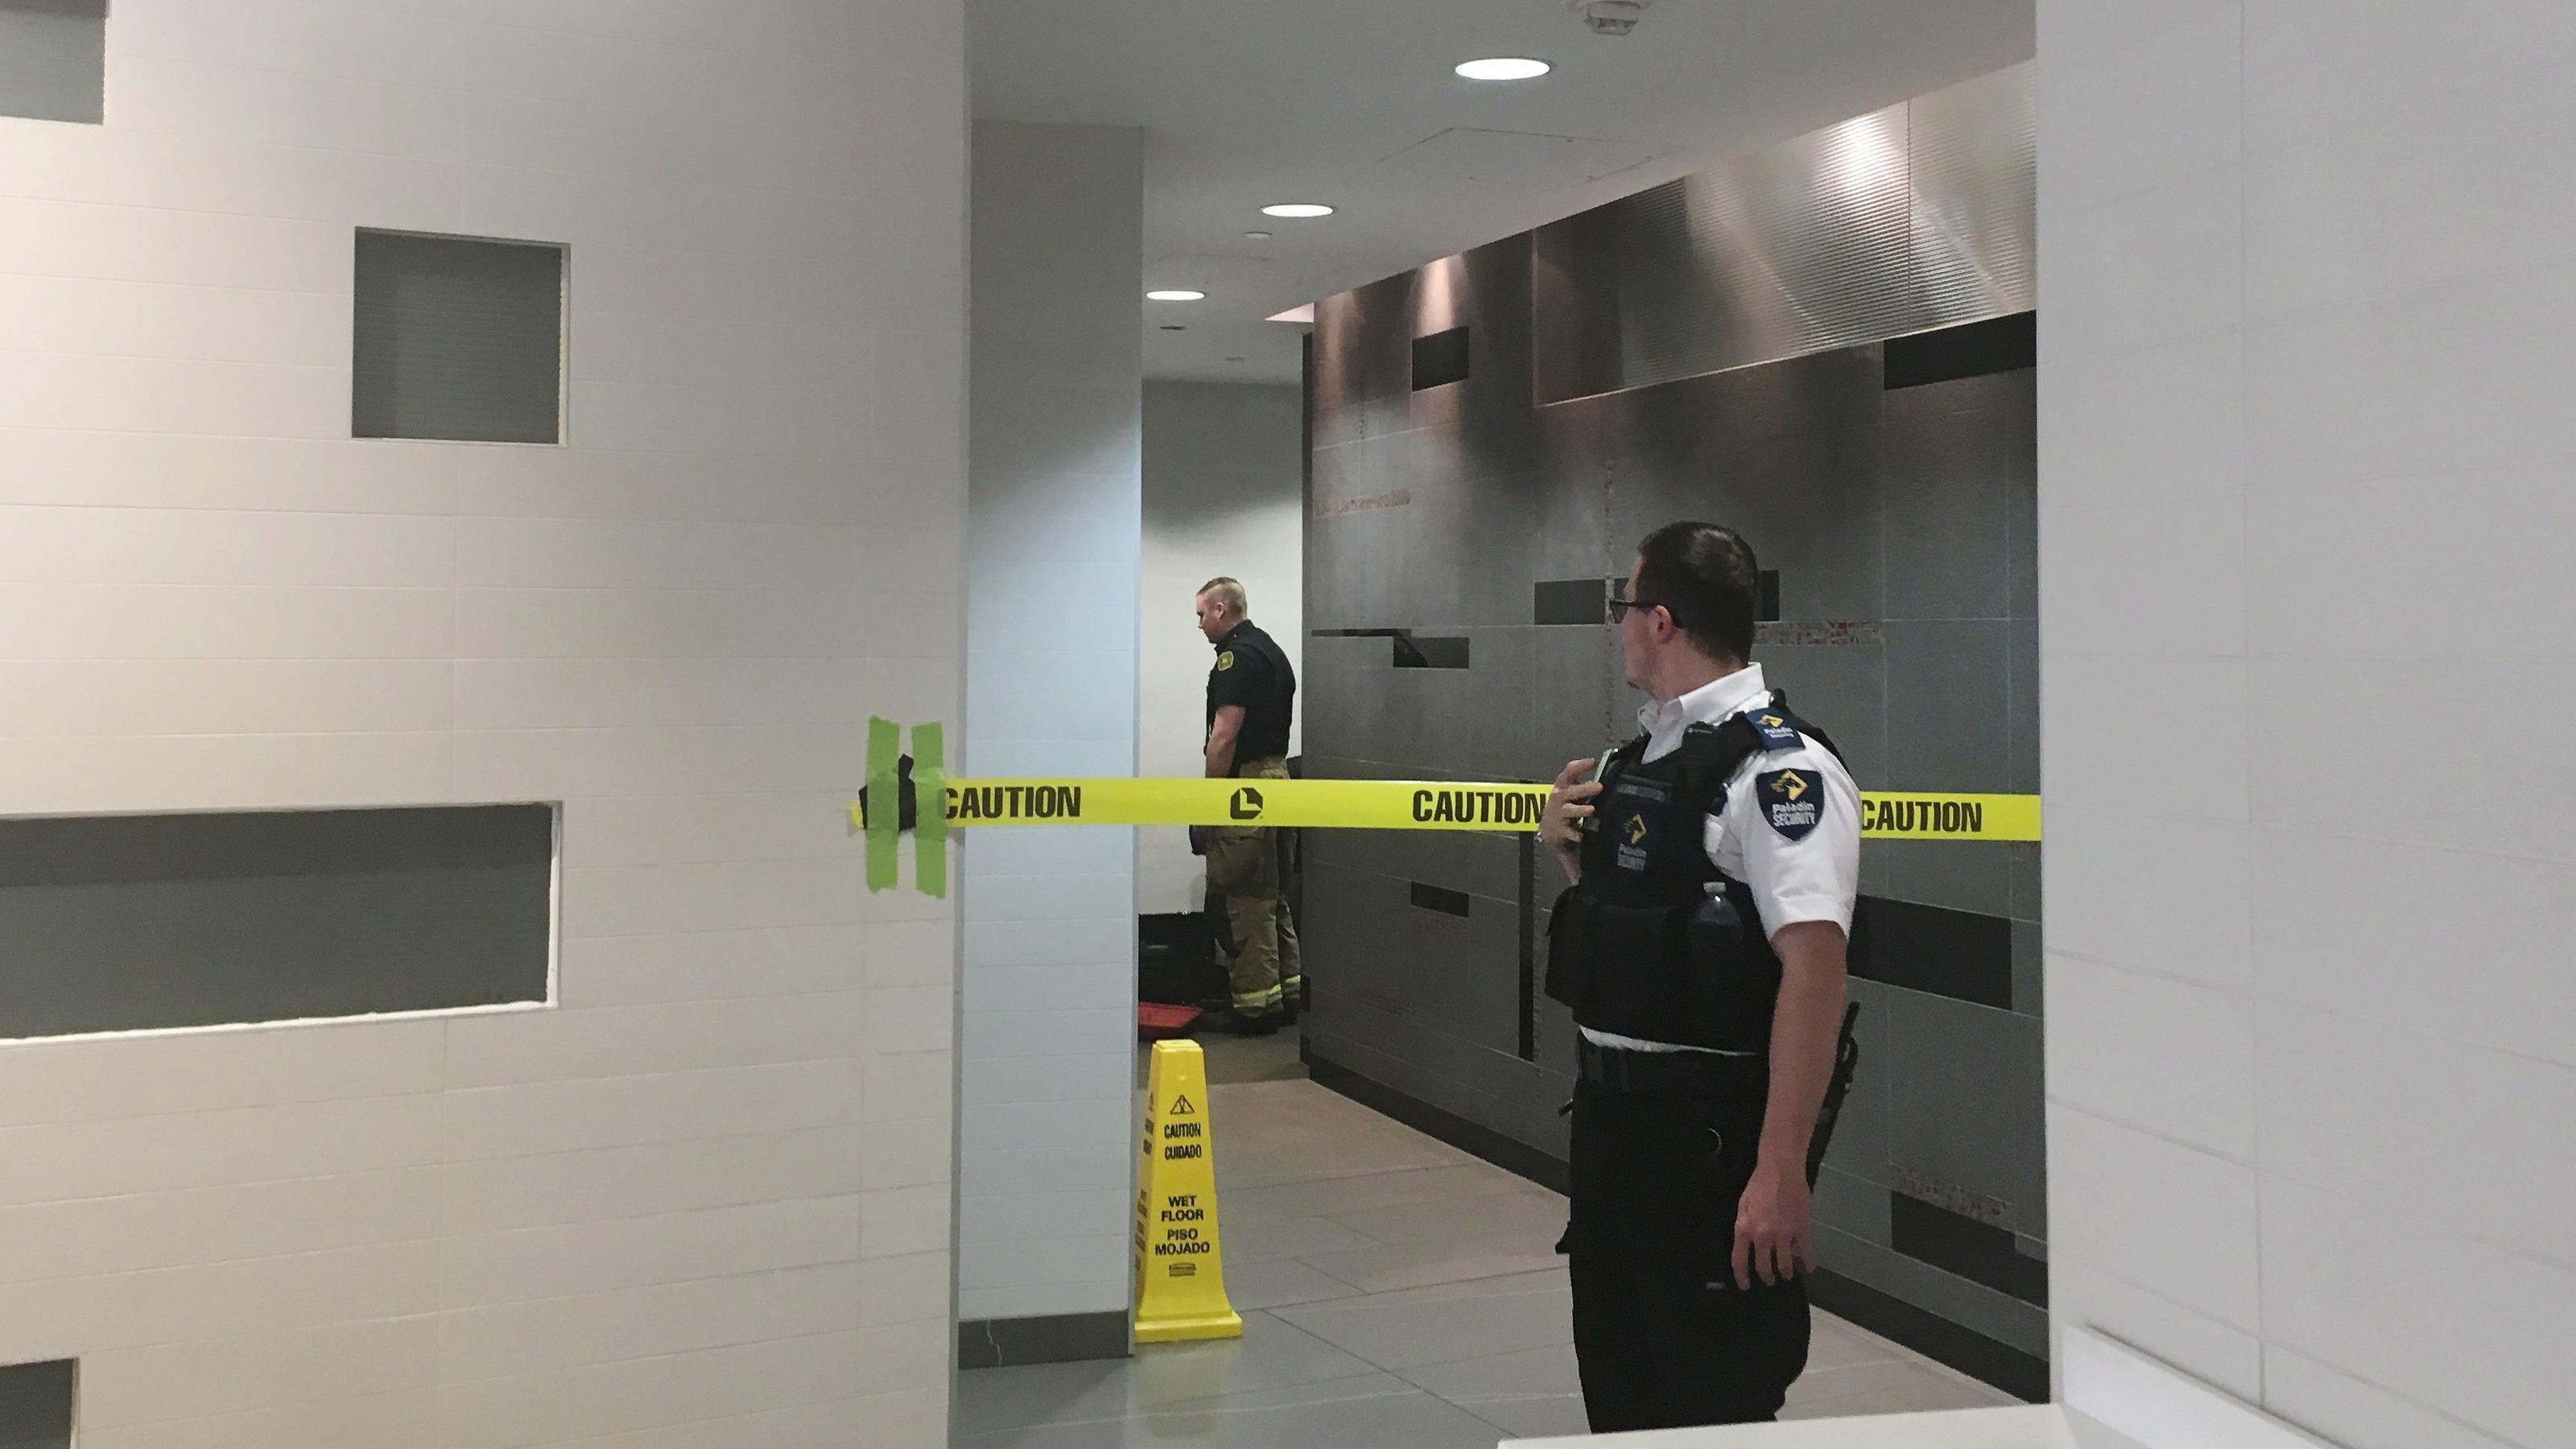 Fein Kundendienst Lebenslauf Beispiel Kanada Fotos - Entry Level ...